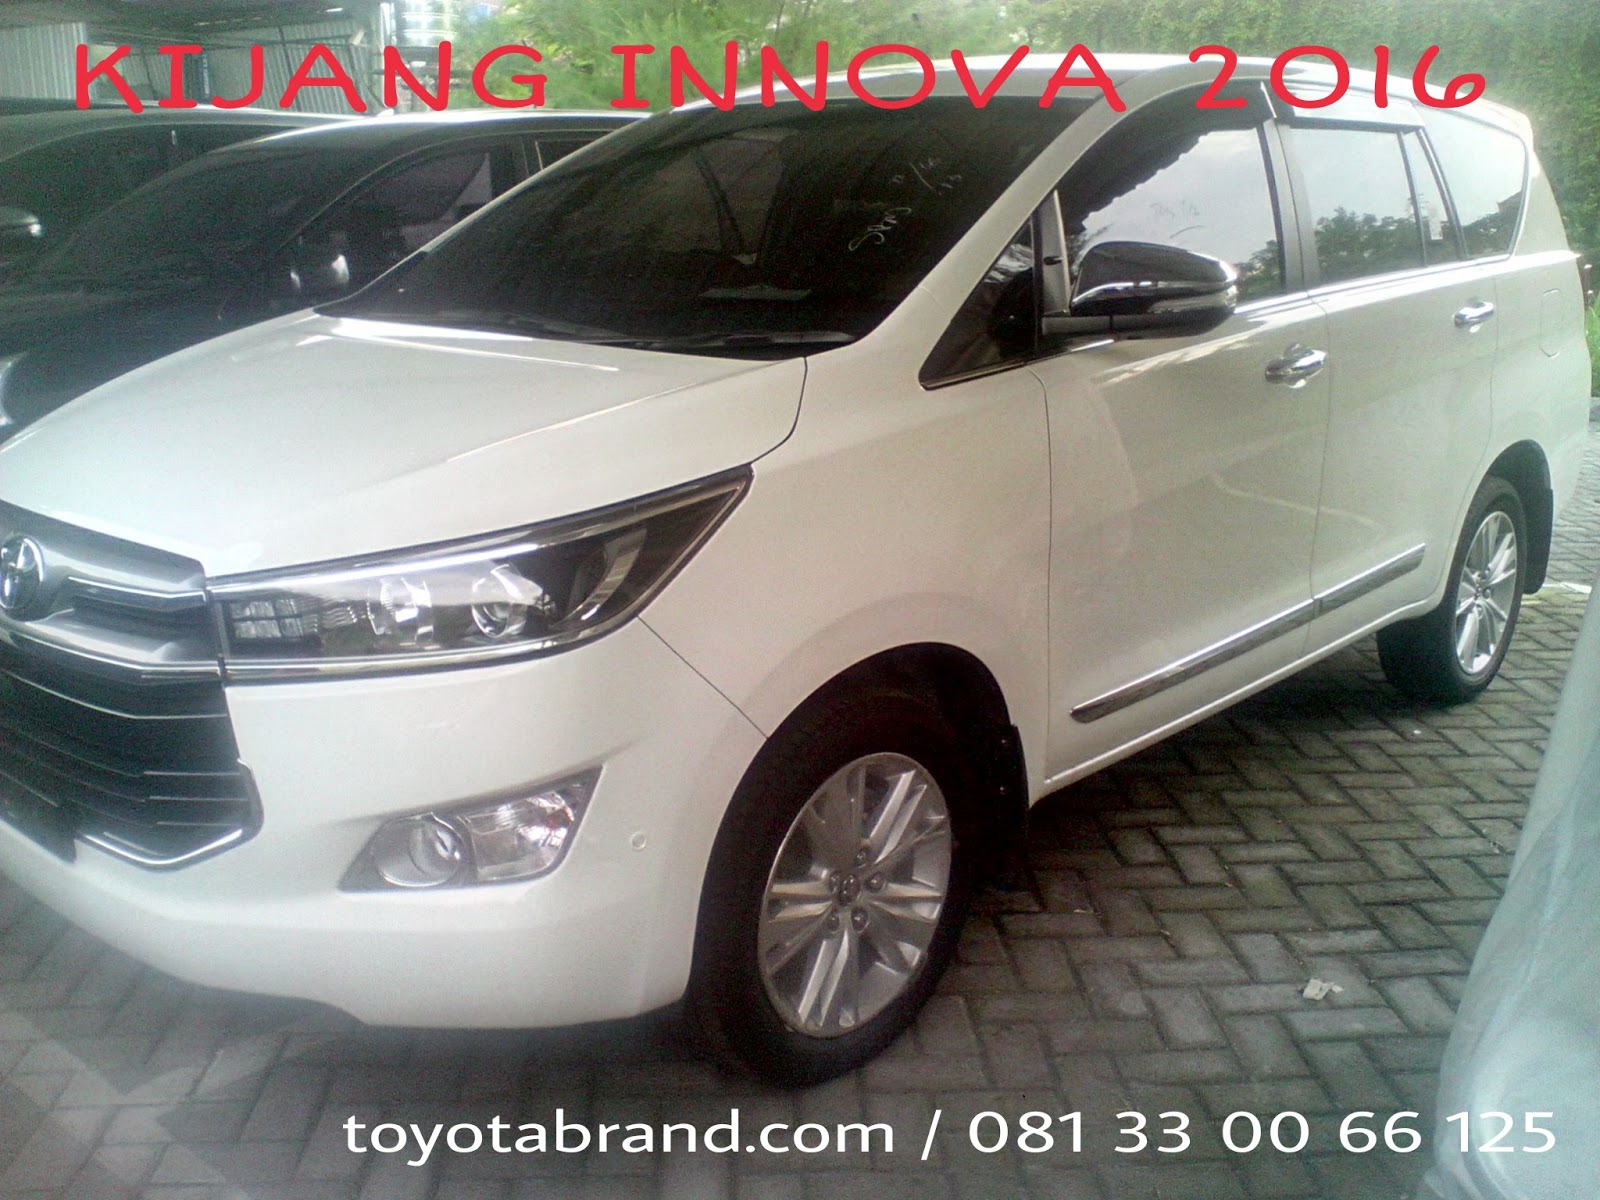 Harga Toyota All New Kijang Innova Lampu Belakang Grand Avanza Spesifikasi Khusus Dan Fitur Canggih